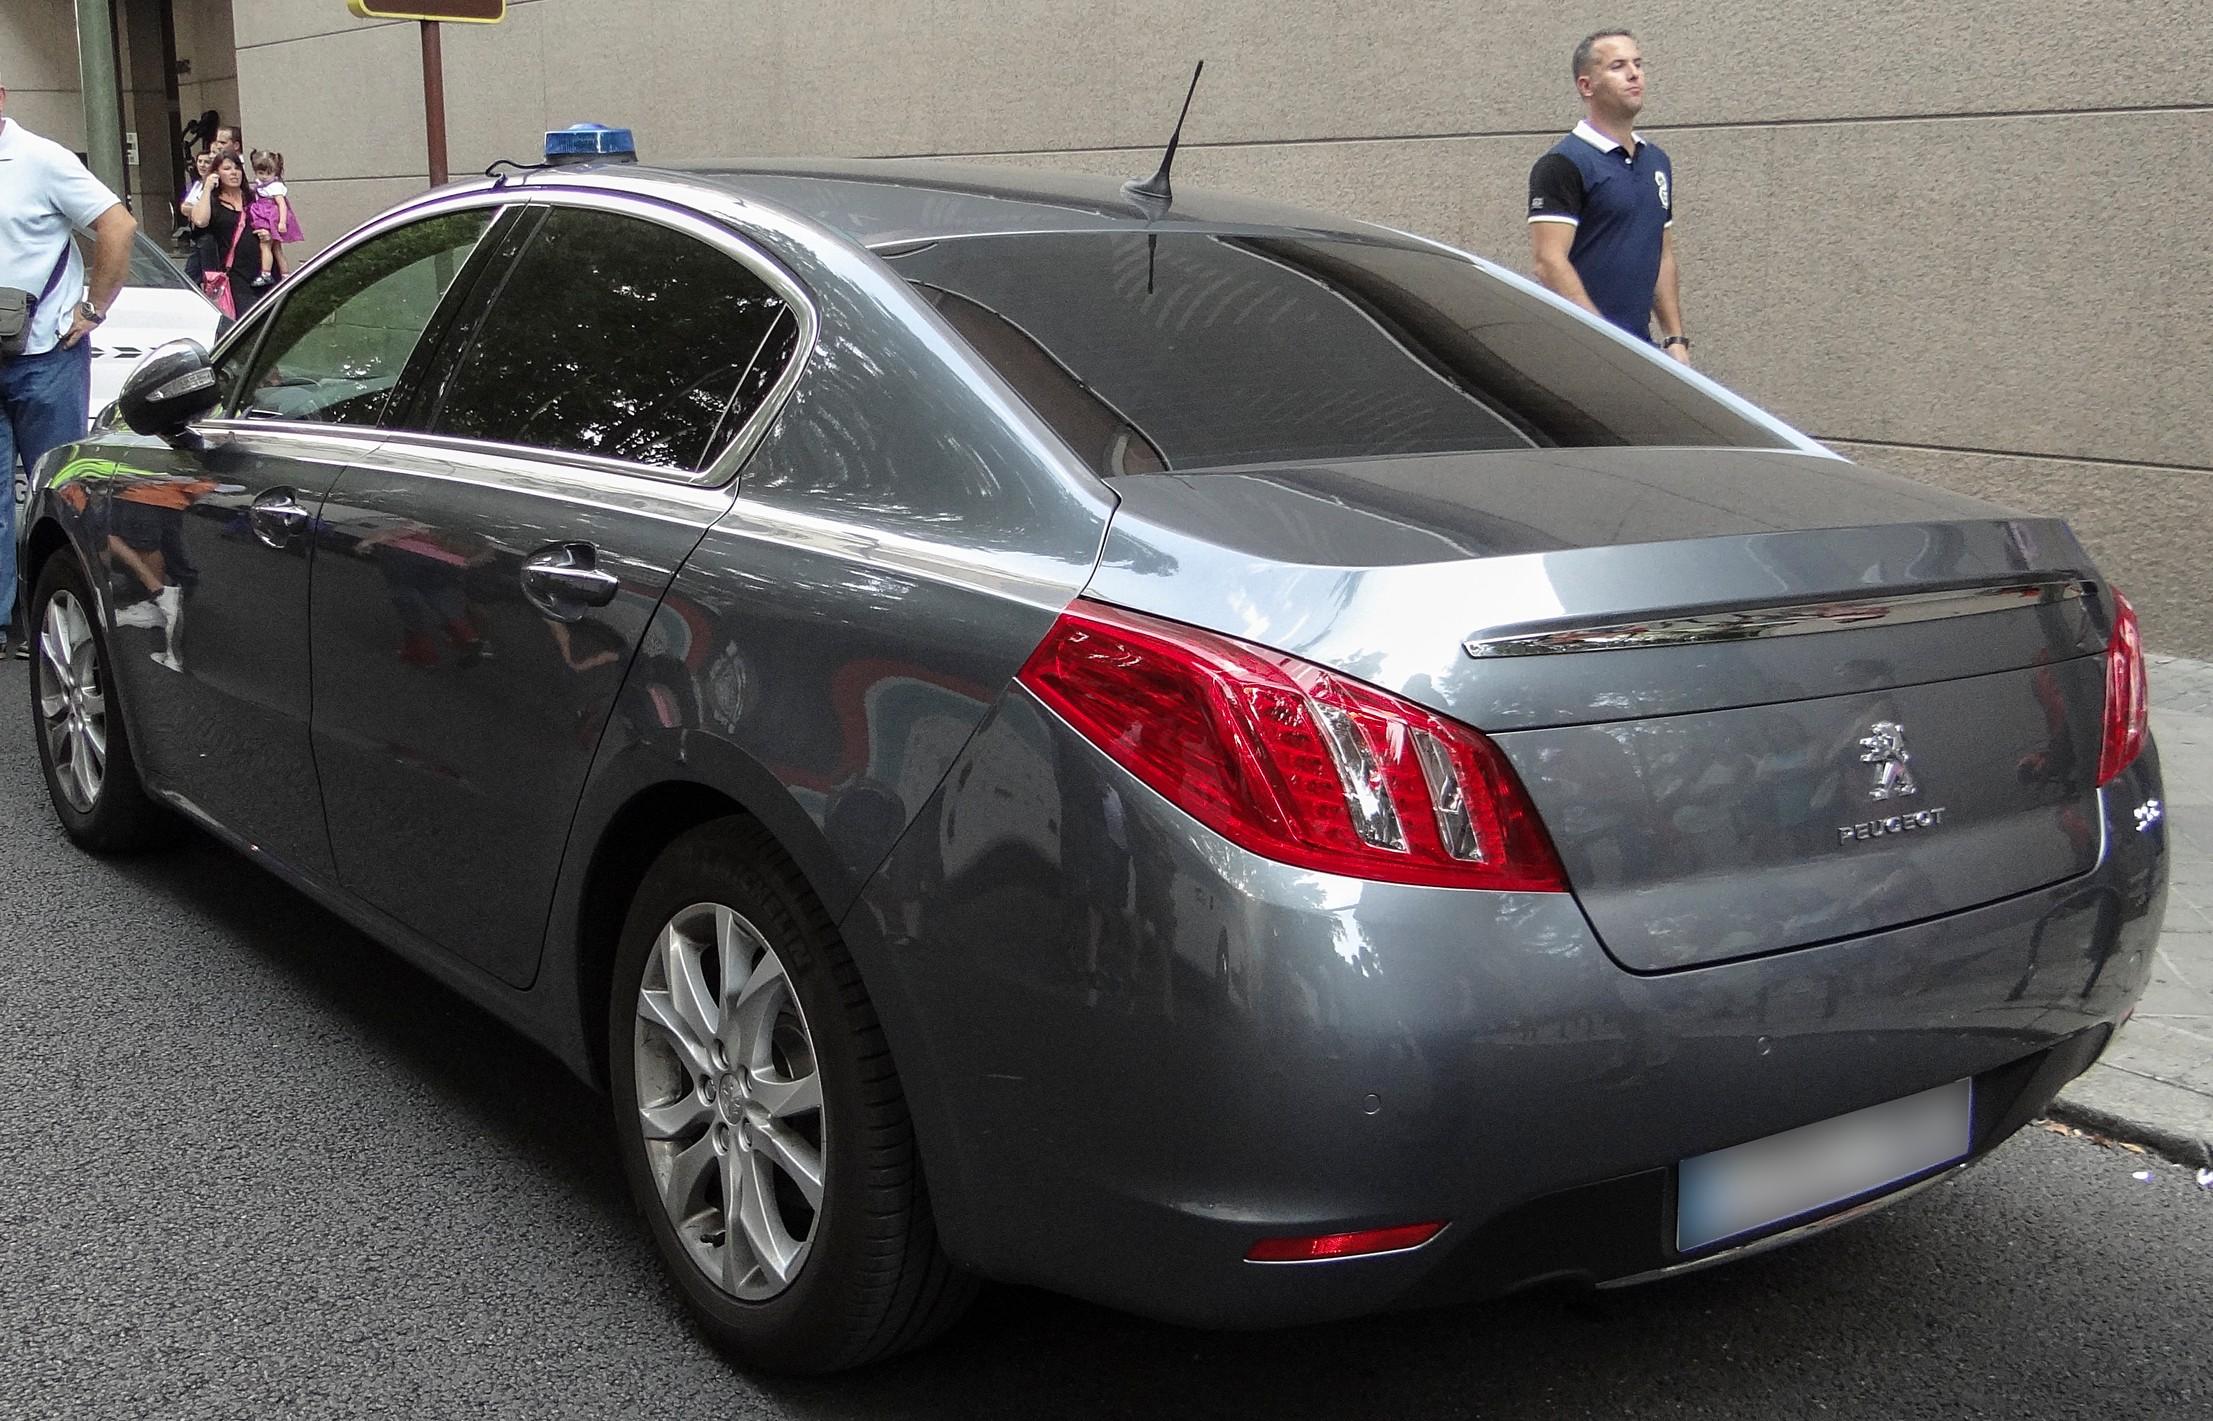 photos de voitures de police page 2099 auto titre. Black Bedroom Furniture Sets. Home Design Ideas